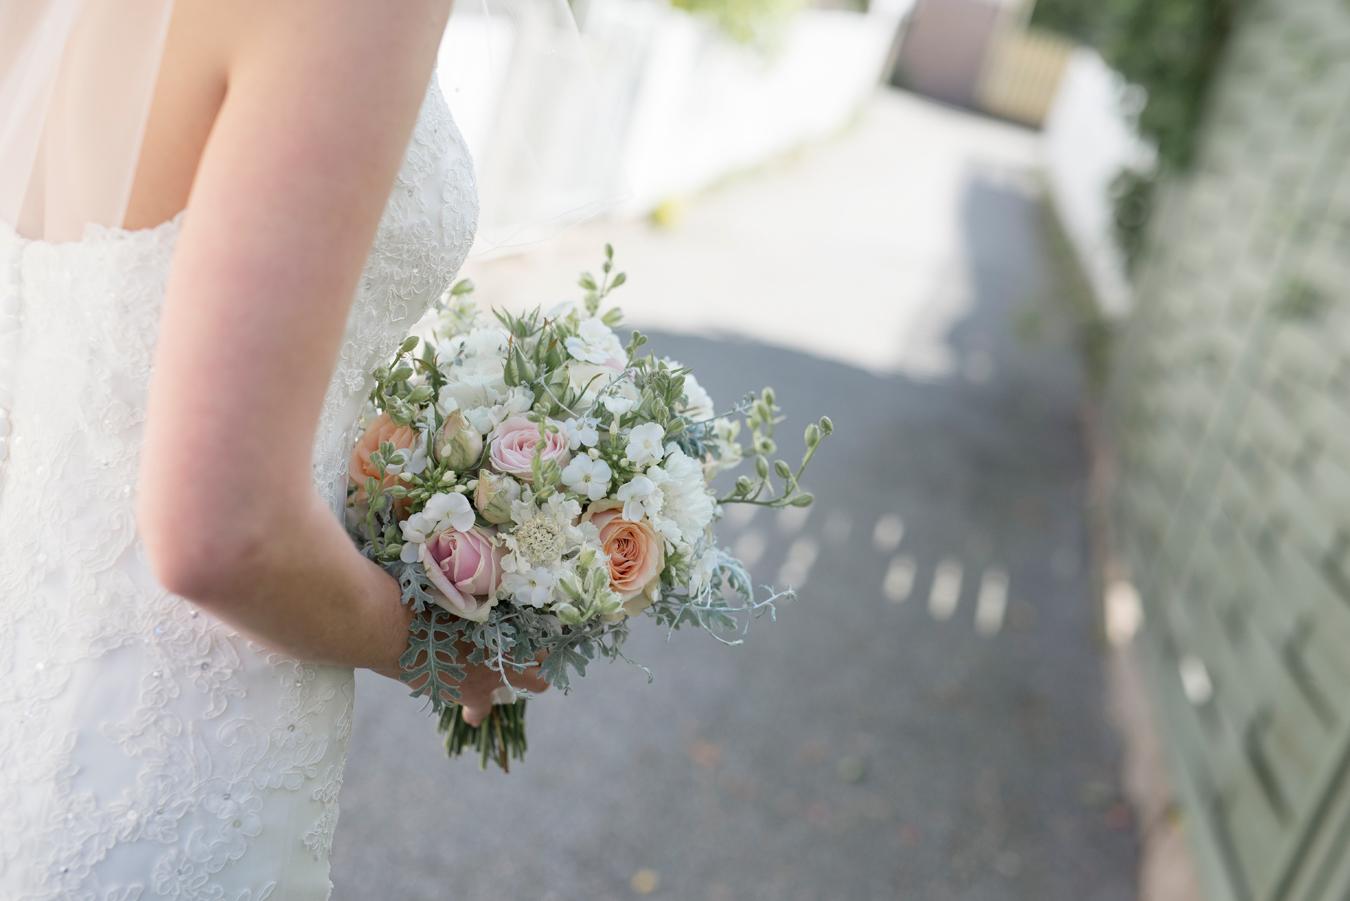 014-bröllopsfotograf-ulebergshamn-göteborg-neas-fotografi.jpg